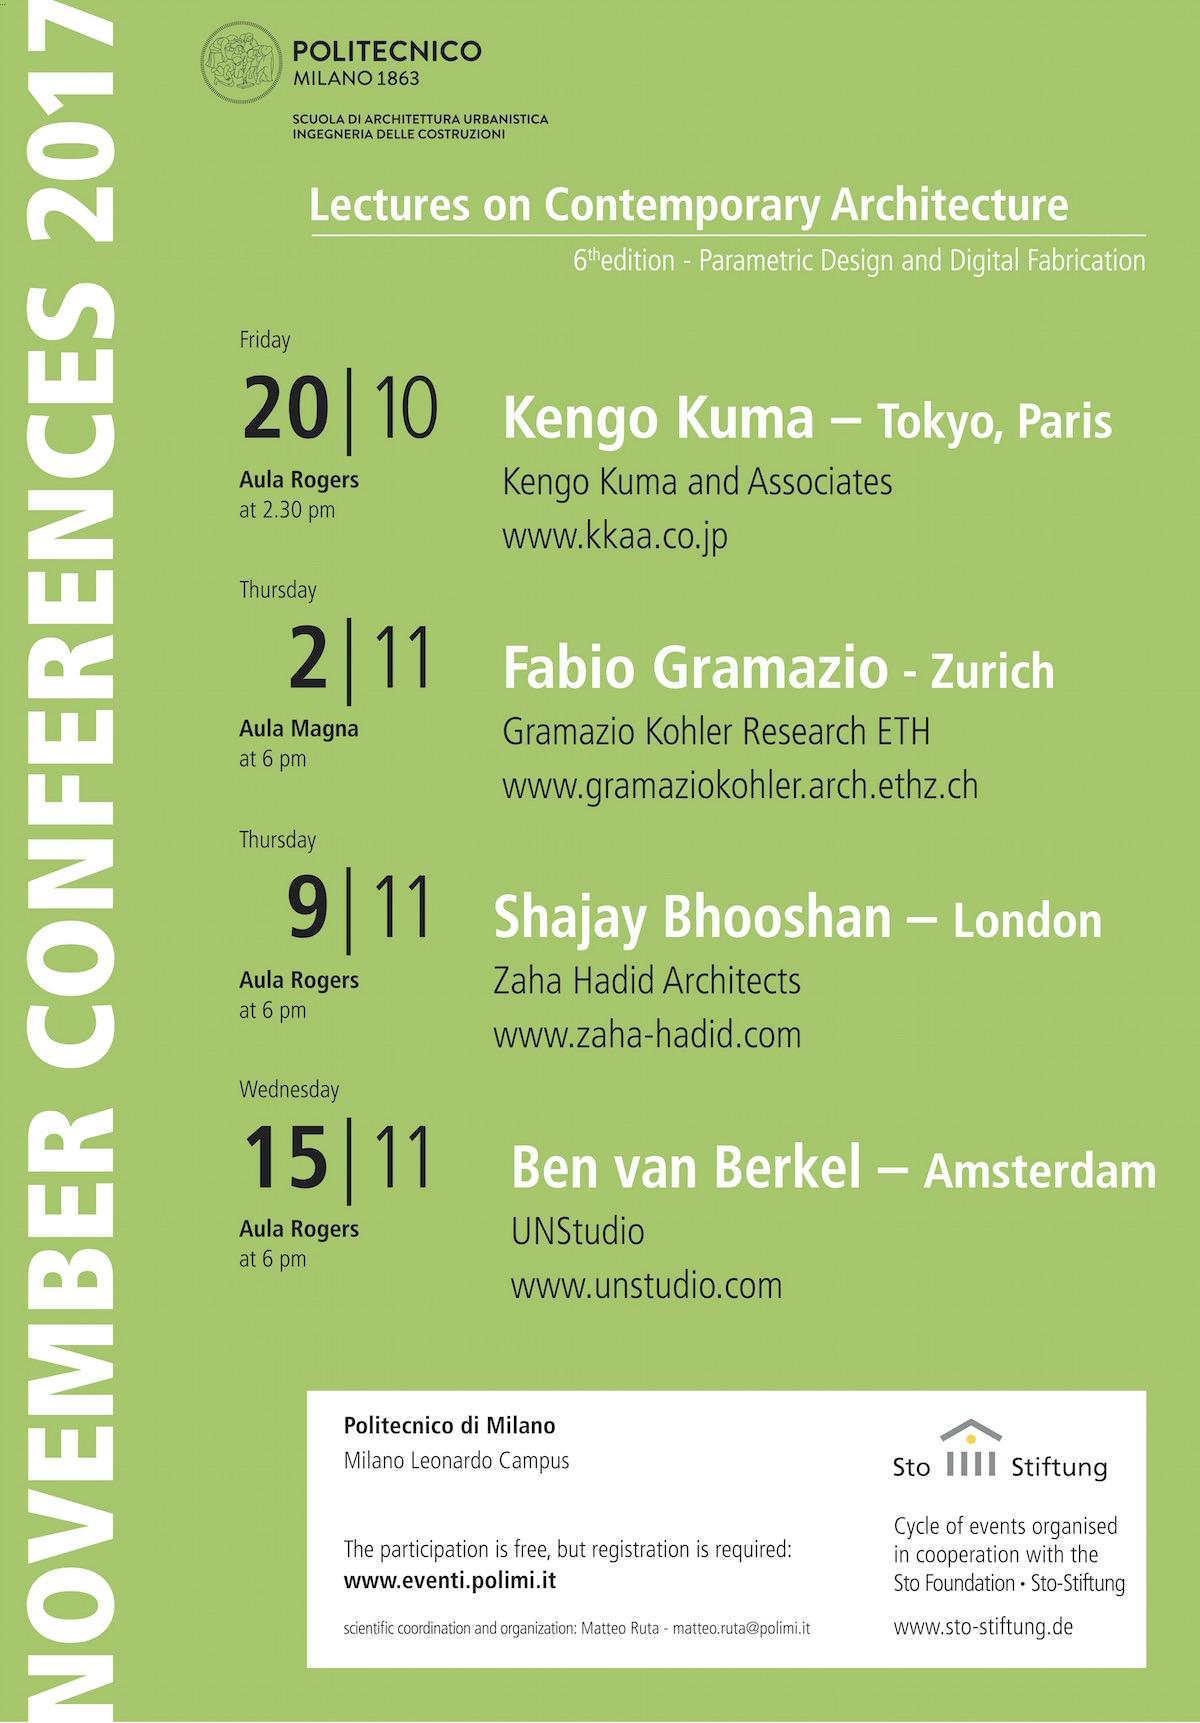 Conferenze di Novembre 2017 Polimi